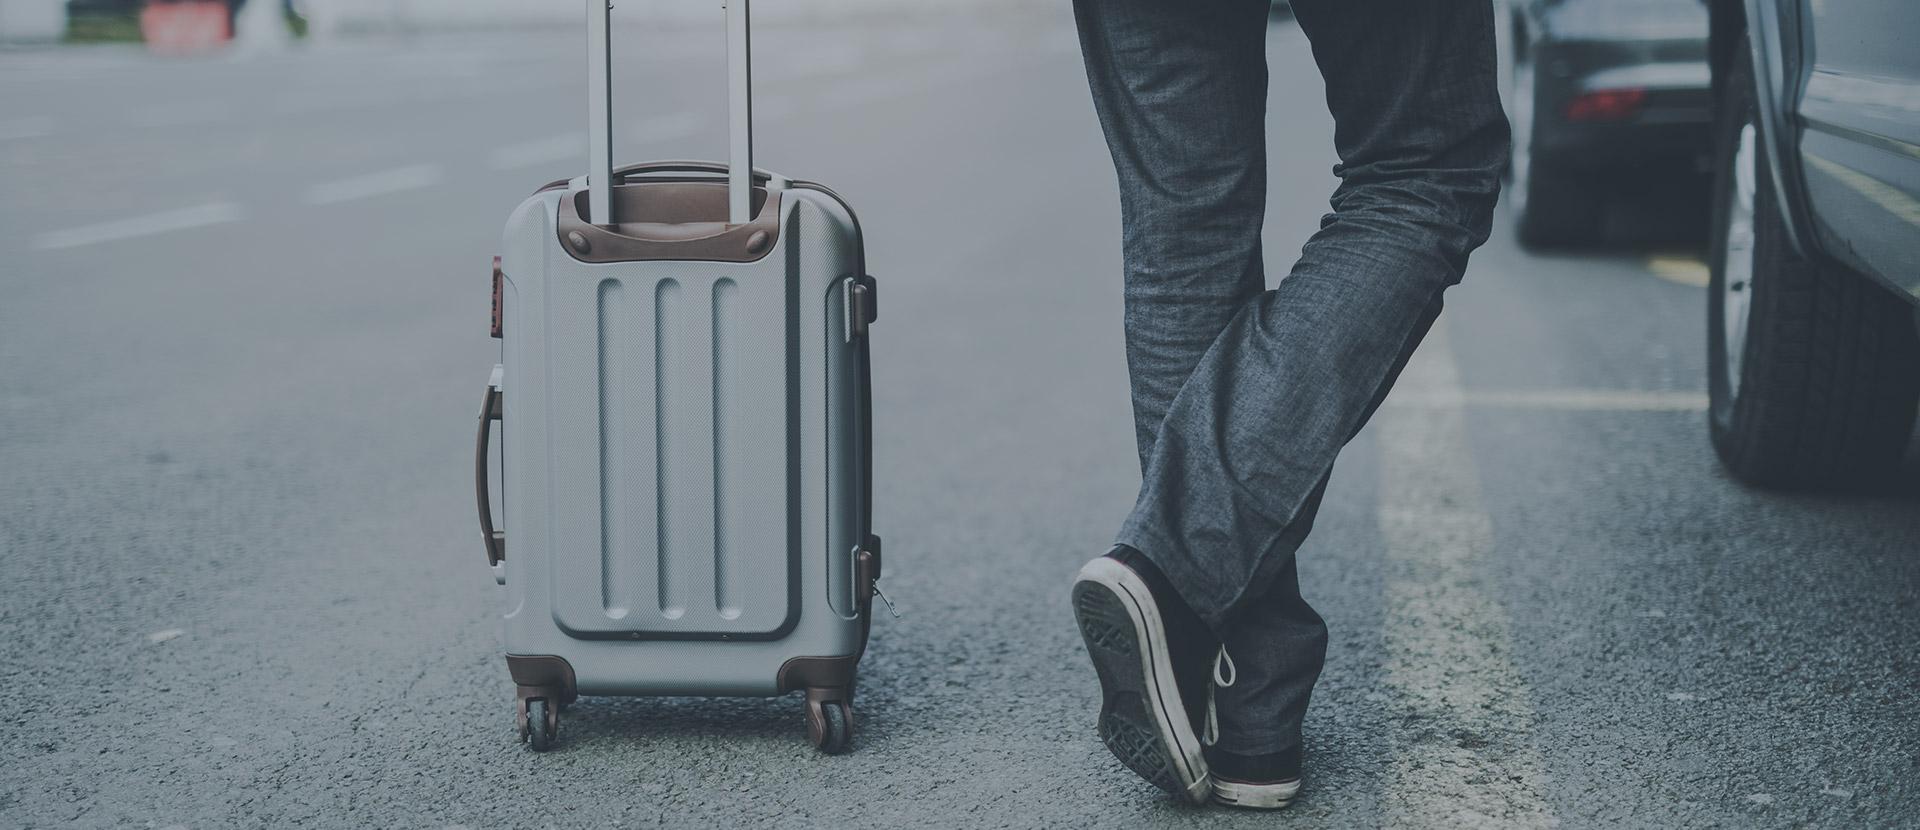 Reiseversicherung Mit Der Devk Gunstig Dabei Sein Acv